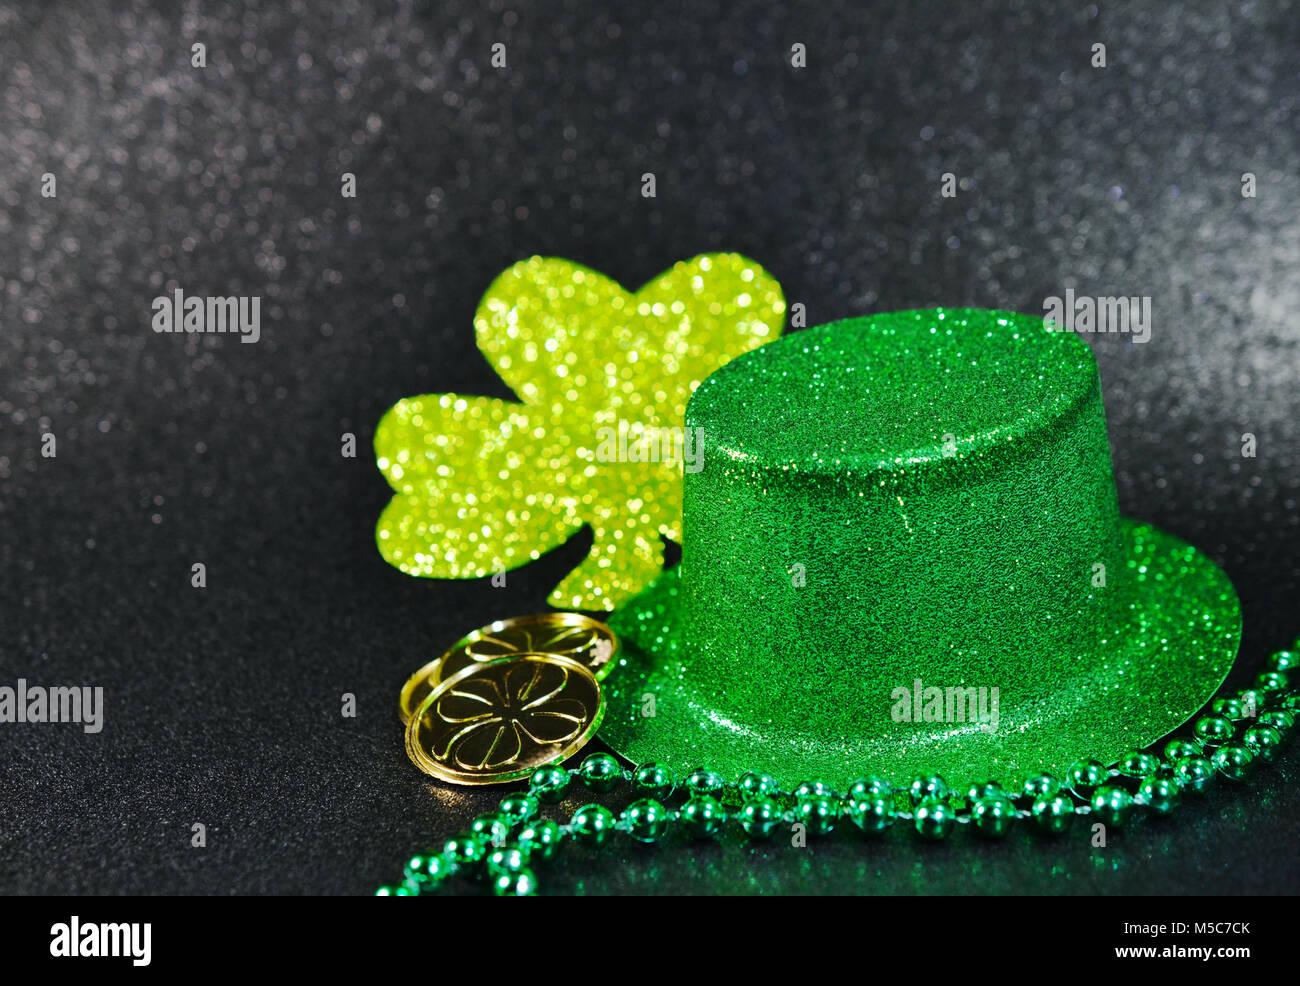 d84590336c83 Día de San Patricio brillante verde irlandés Top Hat con trébol de oro